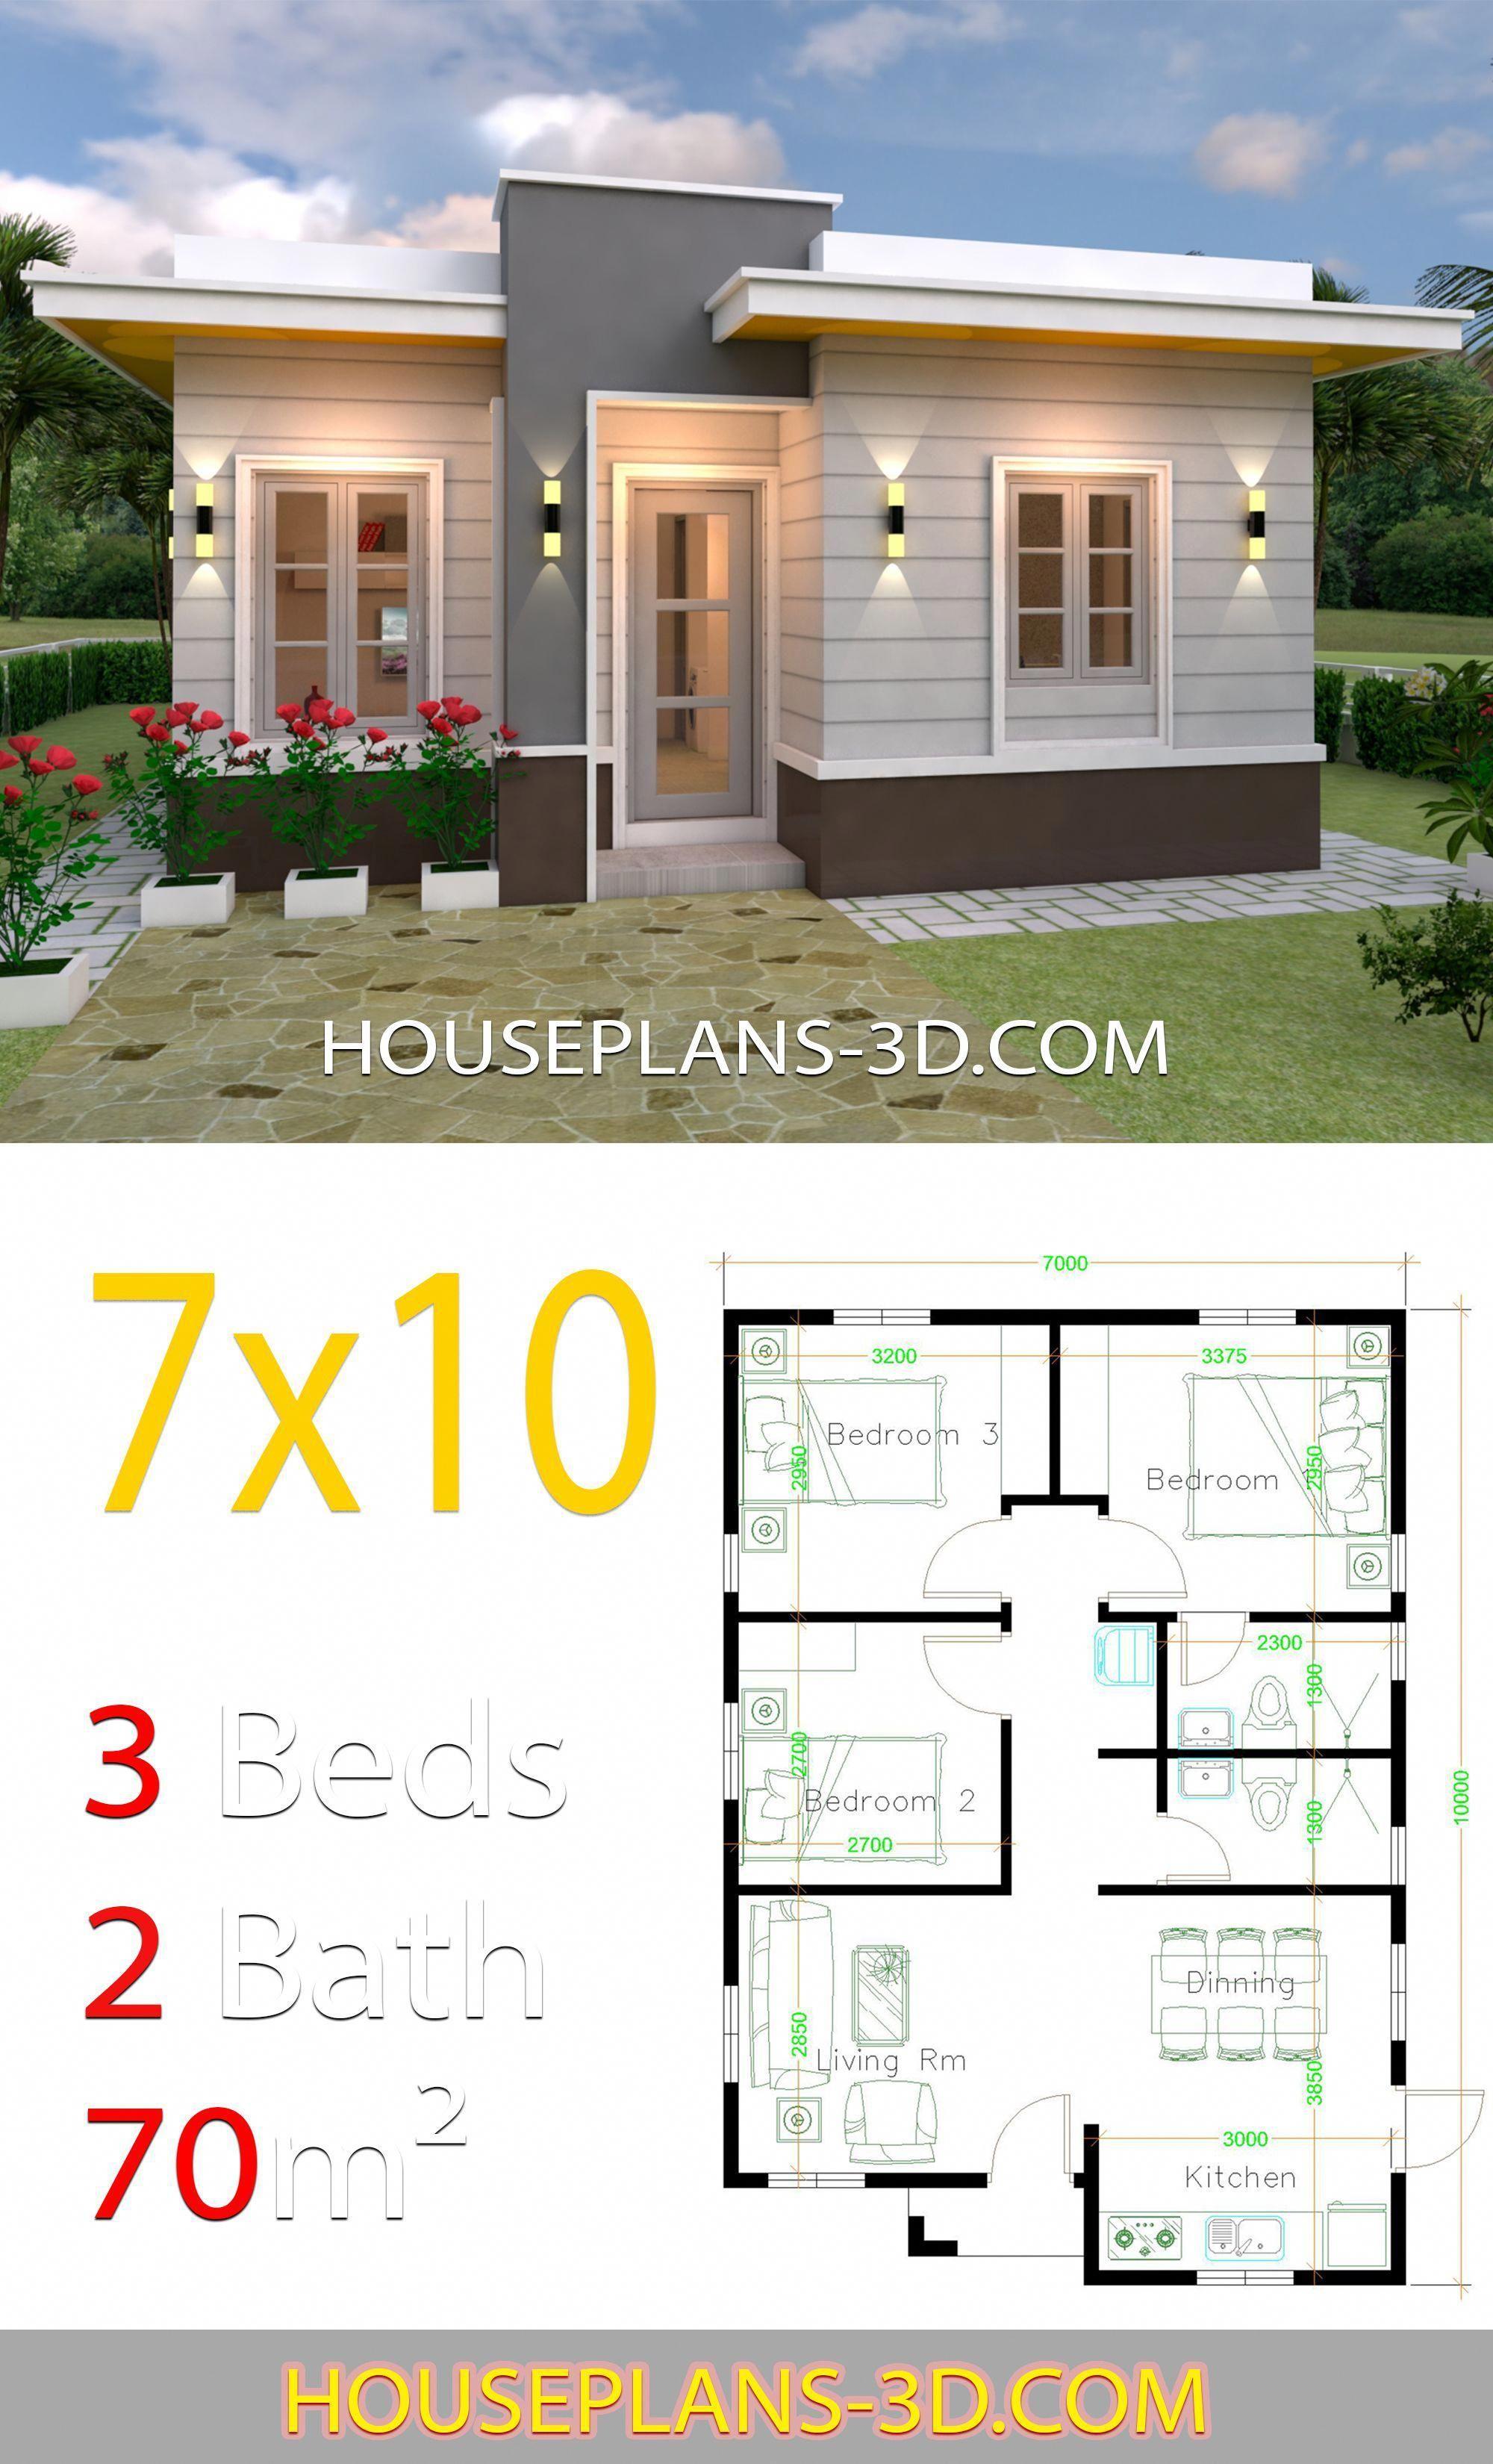 Dream Houses Mansions Dreamhouses Dreammansion Dream Houses Mansions Dreamhouses In 2020 Small House Design Plans Architectural House Plans House Plans